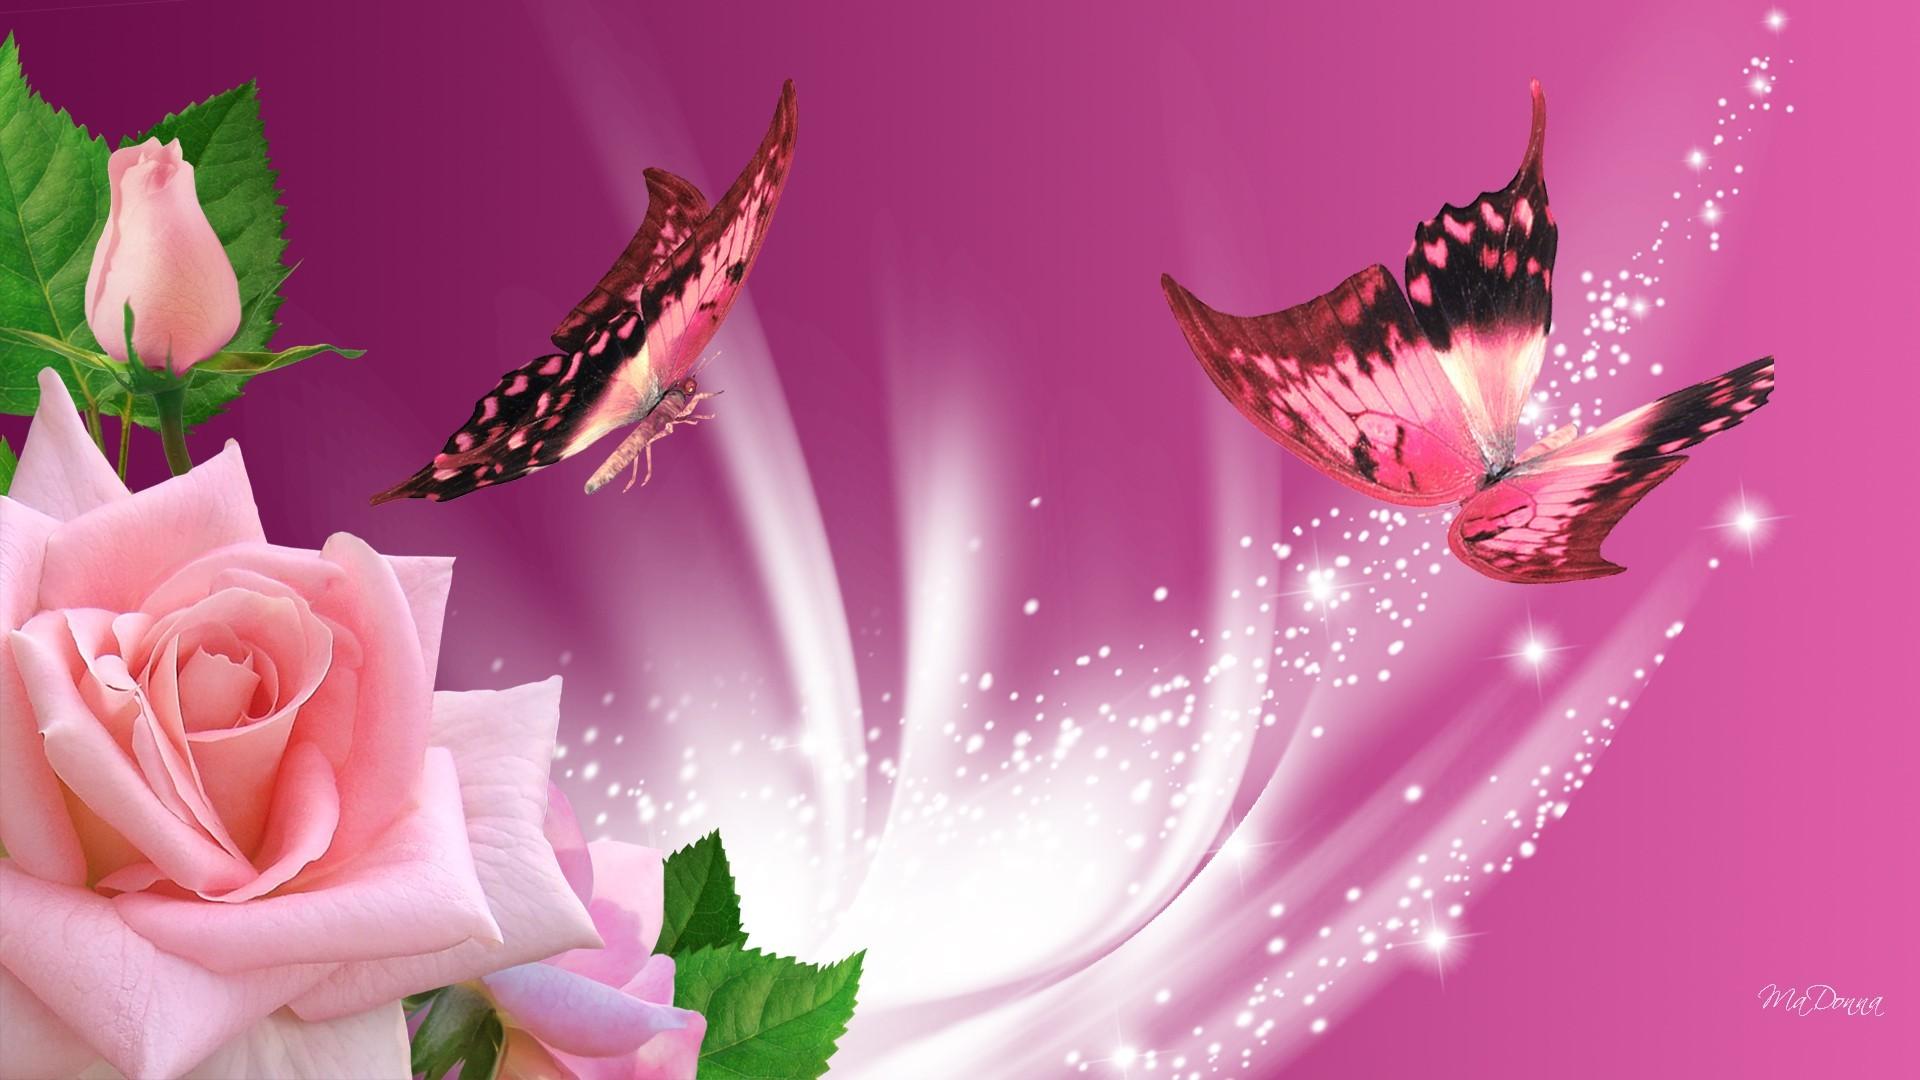 Pink Butterflies Wallpaper, wallpaper, Pink Butterflies Wallpaper hd .